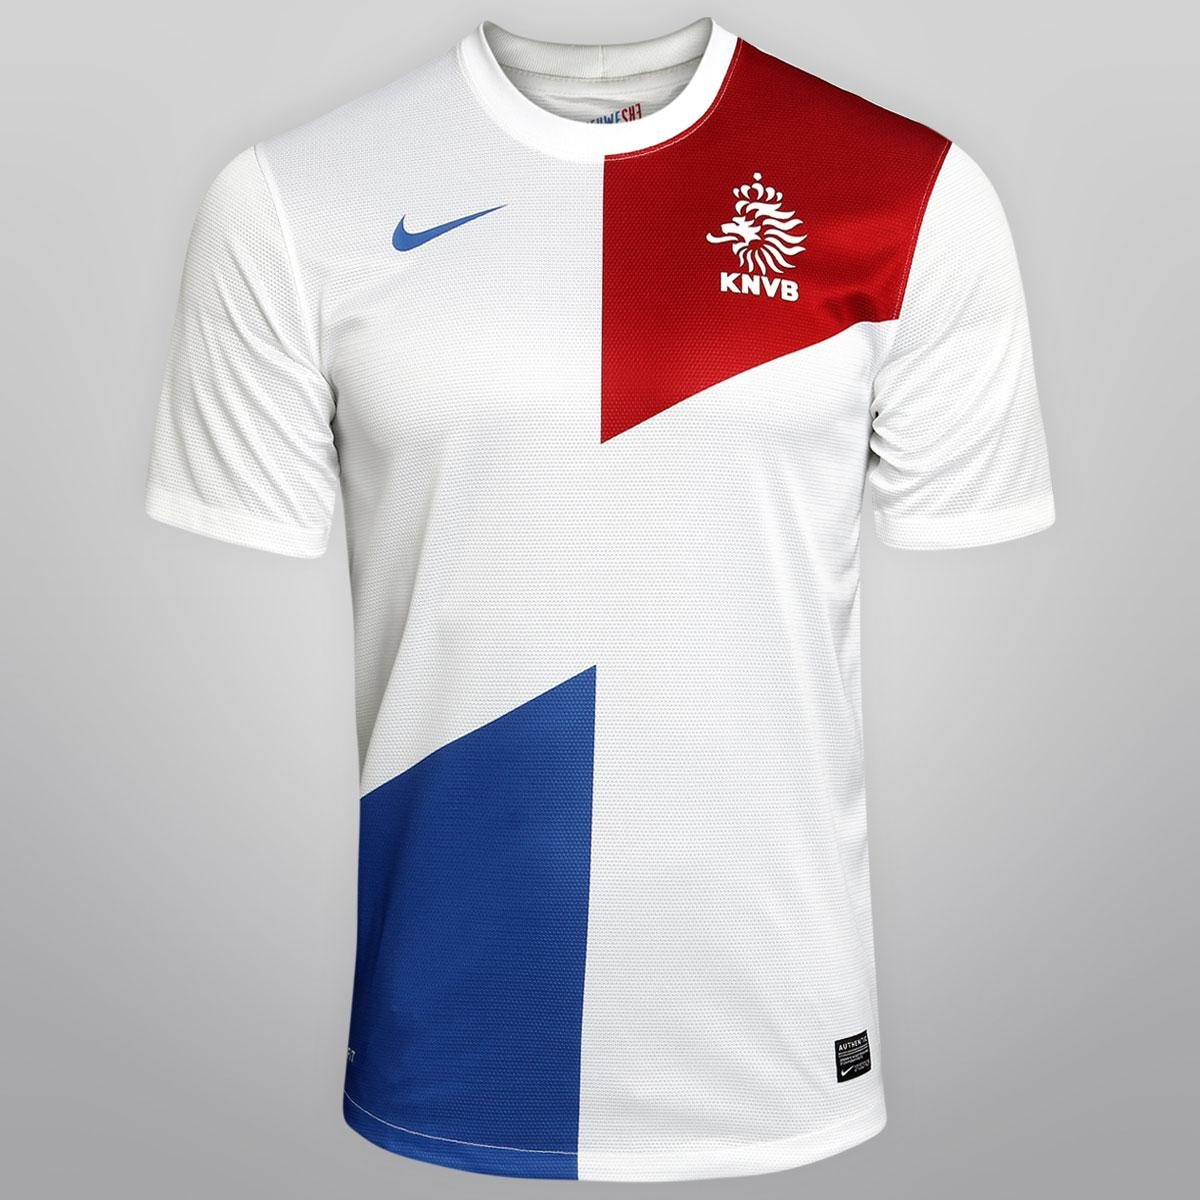 31a9fbb95 Camisa Nike Seleção Holanda Away 12 13 s nº - Compre Agora